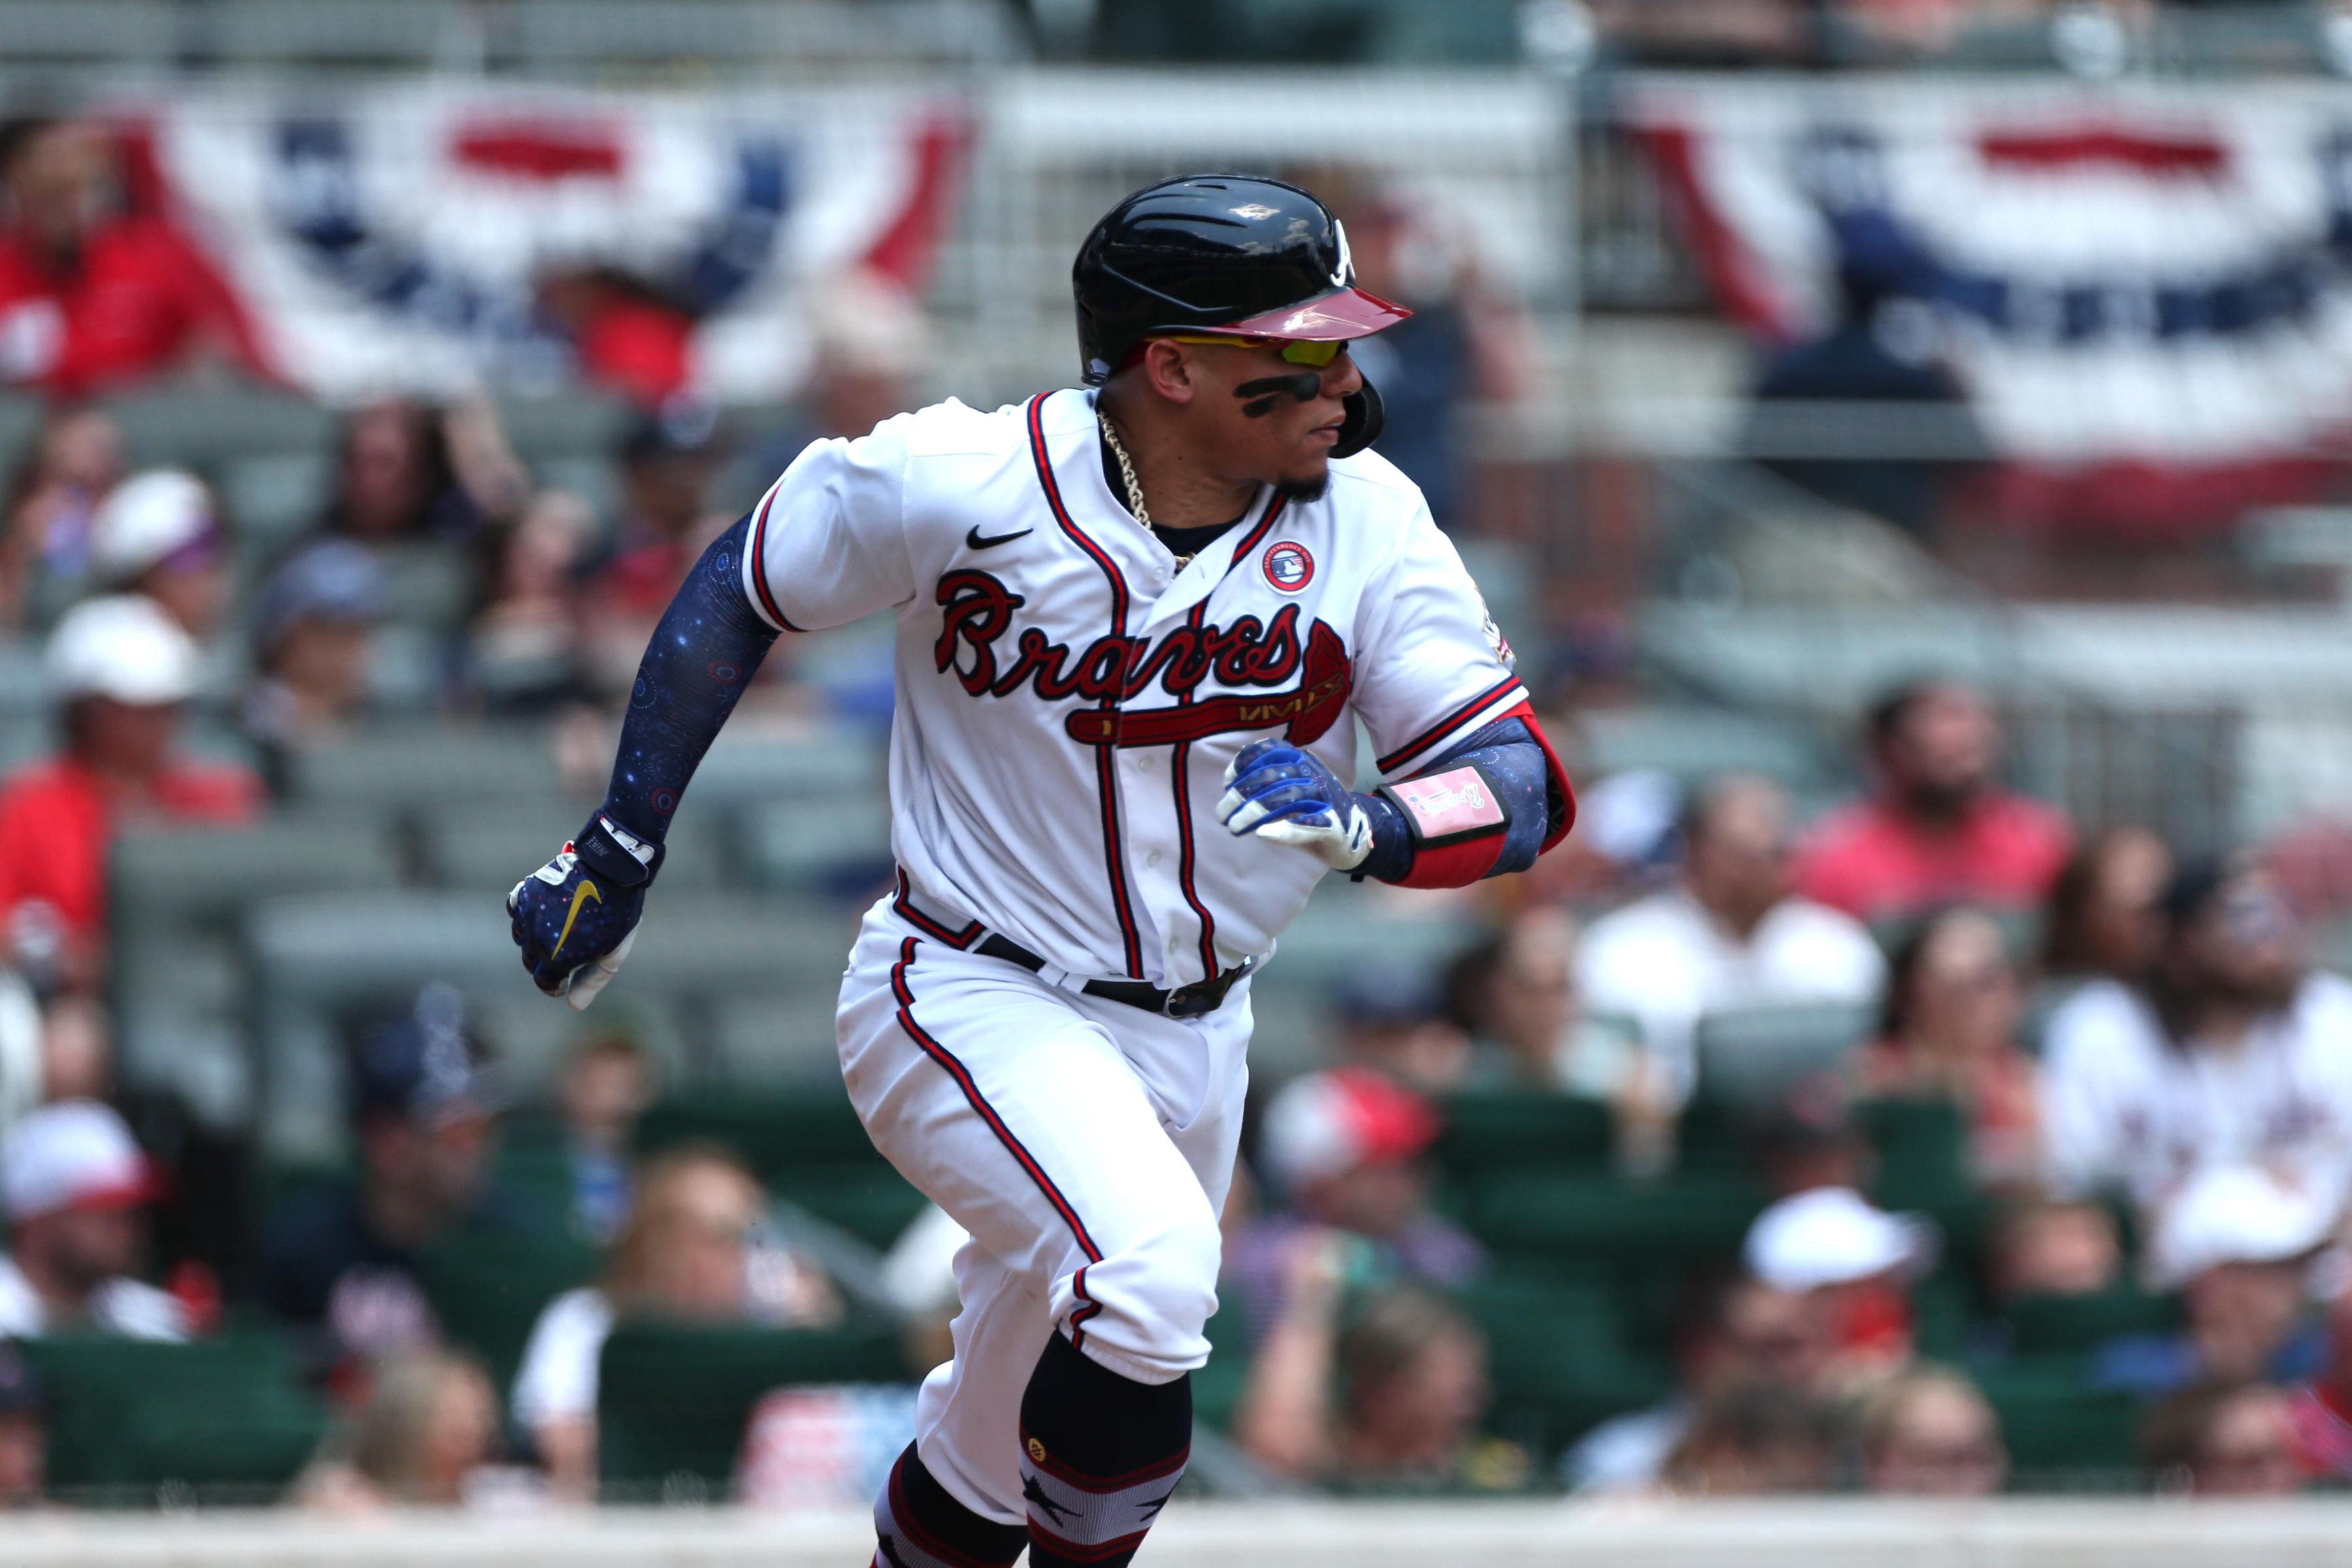 MLB: JUL 04 Marlins at Braves